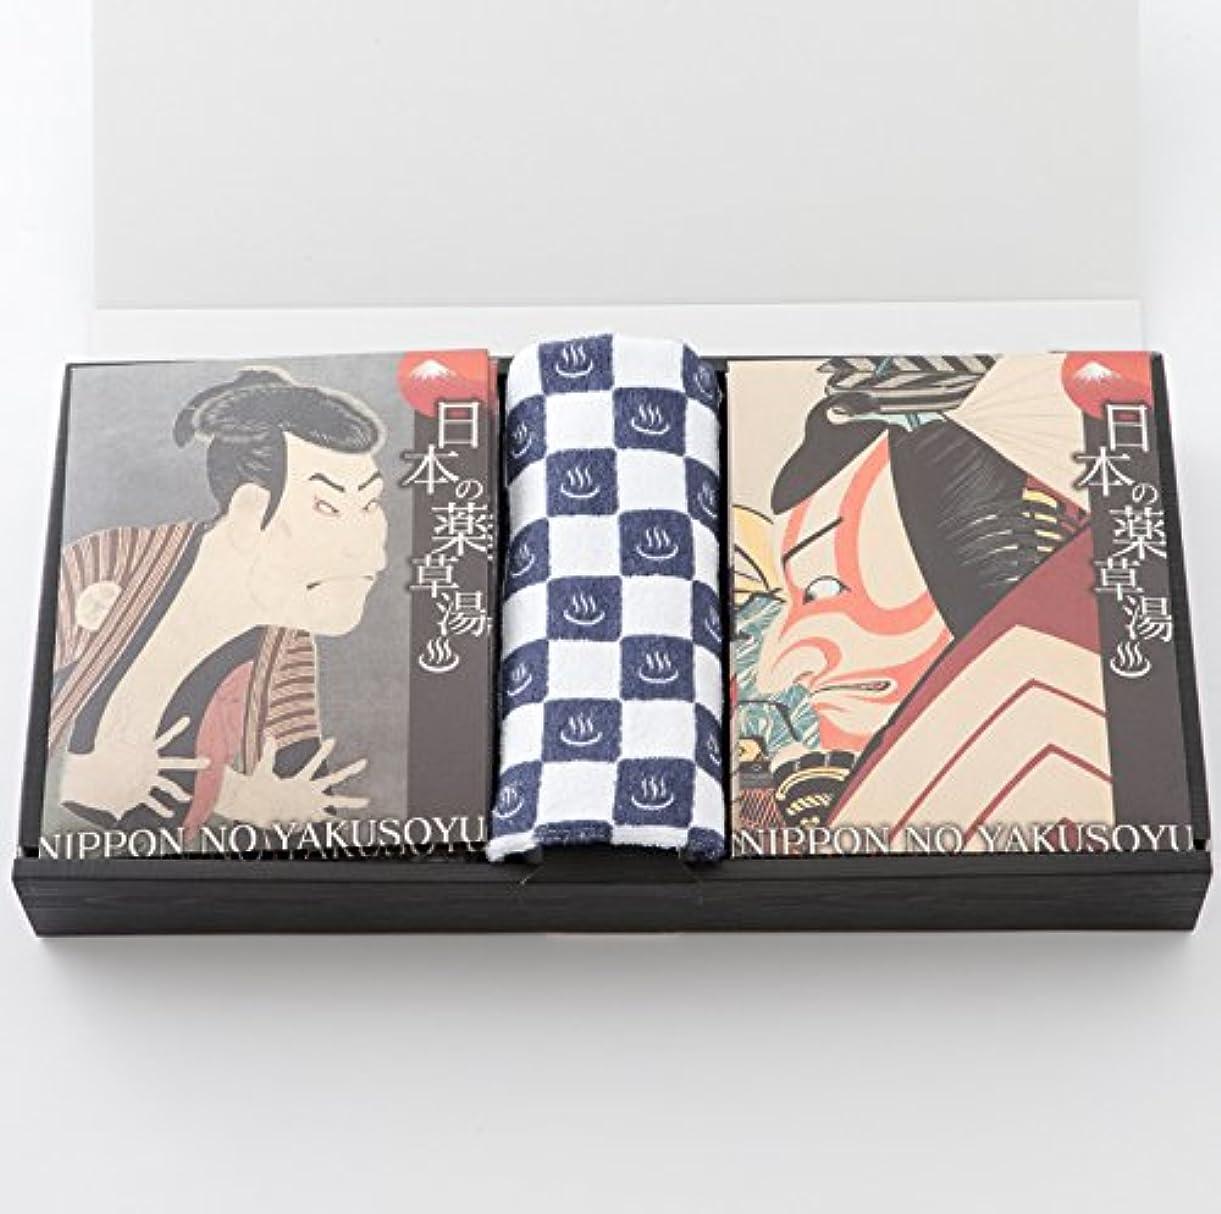 森林ポンプ森林日本の薬草湯と湯めぐりタオルギフト (日本の薬草湯9包+湯めぐりタオル1本)